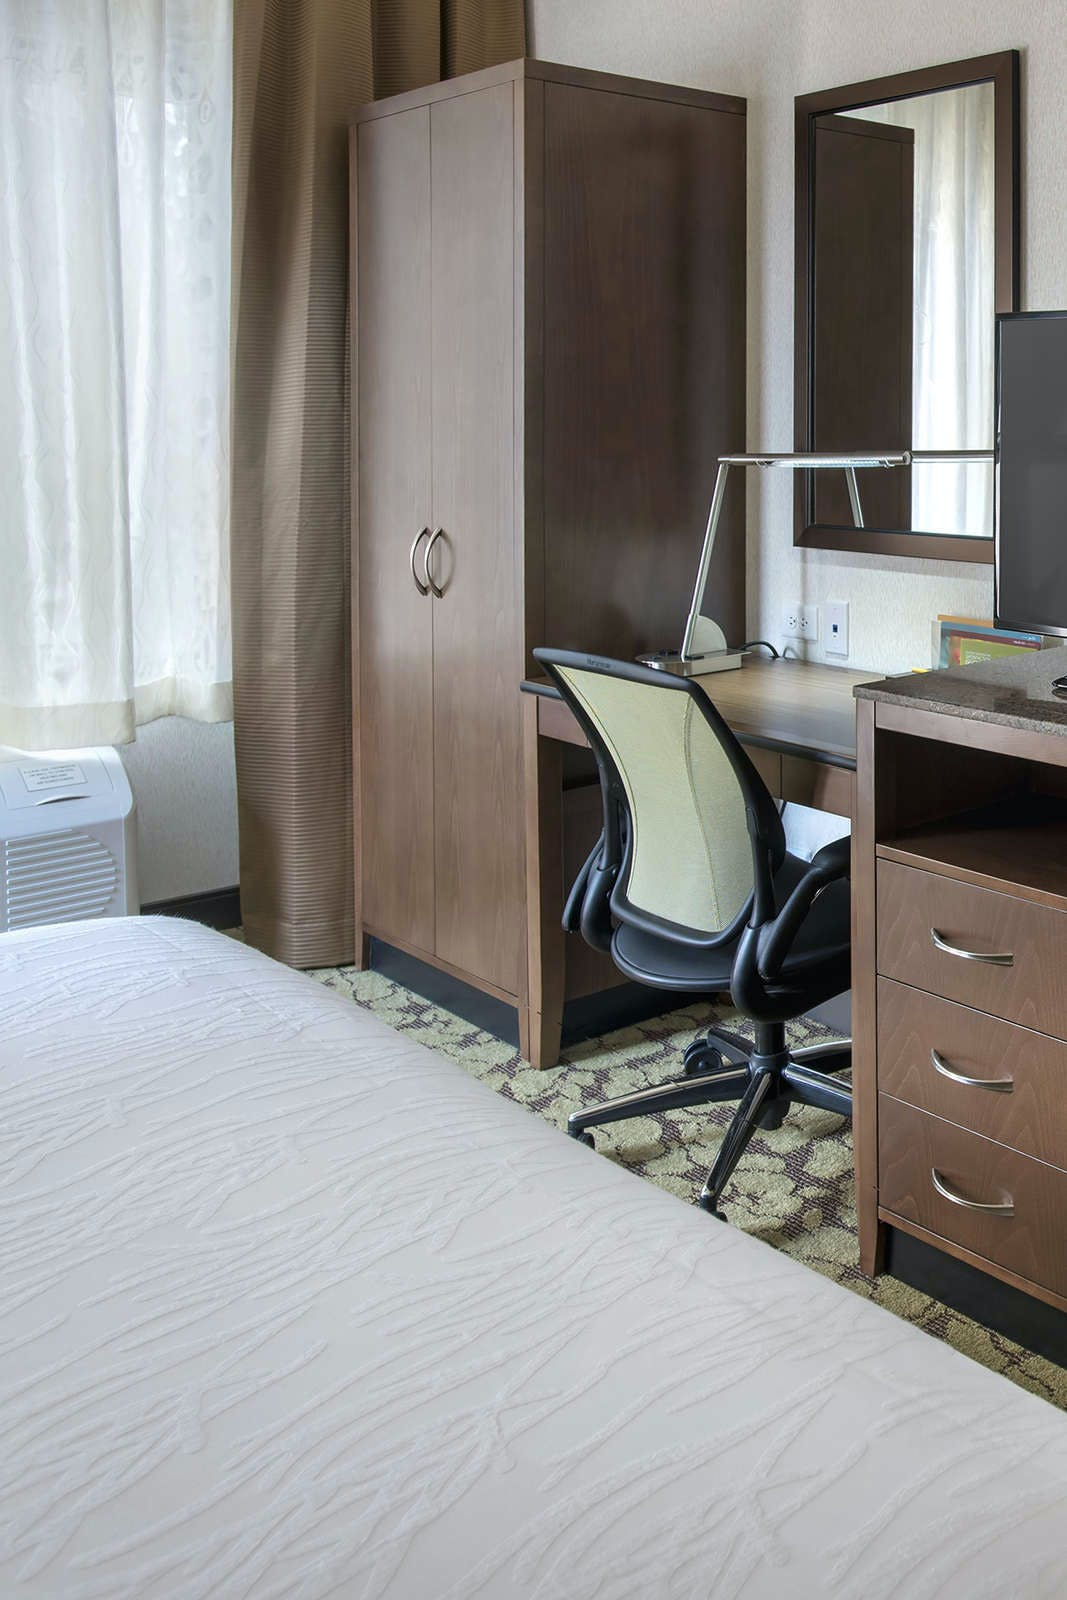 Hilton Garden Inn Chicago / North Loop Hotel